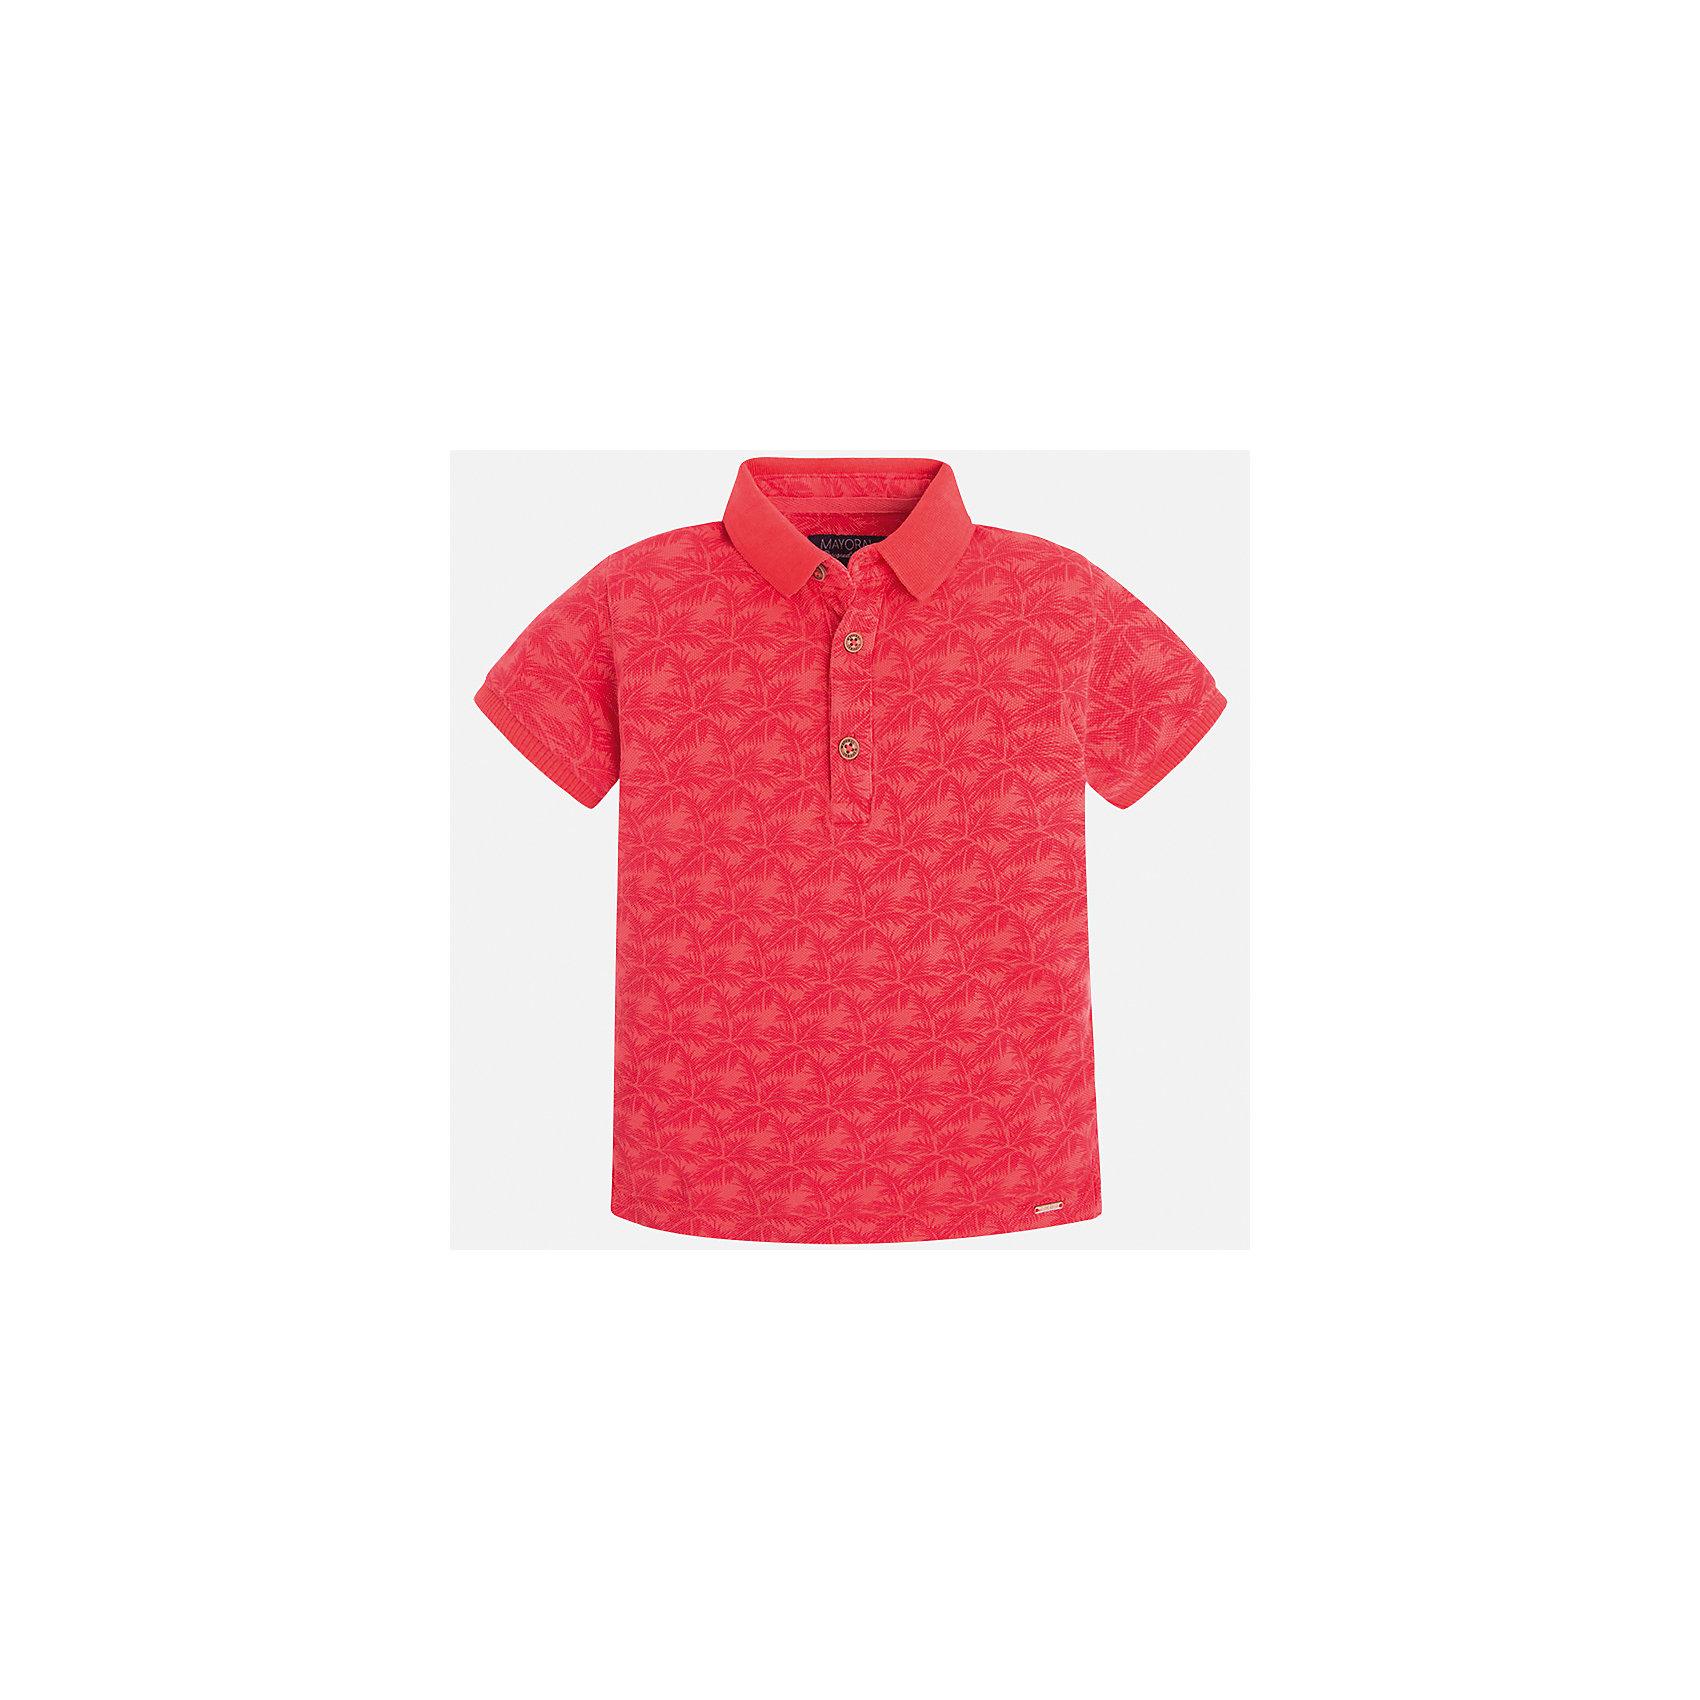 Футболка-поло для мальчика MayoralФутболки, поло и топы<br>Характеристики товара:<br><br>• цвет: красный<br>• состав: 100% хлопок<br>• отложной воротник<br>• короткие рукава<br>• застежка: пуговицы<br>• материал с орнаментом<br>• страна бренда: Испания<br><br>Удобная и модная футболка-поло для мальчика может стать базовой вещью в гардеробе ребенка. Она отлично сочетается с брюками, шортами, джинсами и т.д. Универсальный крой и цвет позволяет подобрать к вещи низ разных расцветок. Практичное и стильное изделие! В составе материала - только натуральный хлопок, гипоаллергенный, приятный на ощупь, дышащий.<br><br>Одежда, обувь и аксессуары от испанского бренда Mayoral полюбились детям и взрослым по всему миру. Модели этой марки - стильные и удобные. Для их производства используются только безопасные, качественные материалы и фурнитура. Порадуйте ребенка модными и красивыми вещами от Mayoral! <br><br>Футболку-поло для мальчика от испанского бренда Mayoral (Майорал) можно купить в нашем интернет-магазине.<br><br>Ширина мм: 230<br>Глубина мм: 40<br>Высота мм: 220<br>Вес г: 250<br>Цвет: красный<br>Возраст от месяцев: 84<br>Возраст до месяцев: 96<br>Пол: Мужской<br>Возраст: Детский<br>Размер: 128,134,122,116,98,92,104,110<br>SKU: 5272027